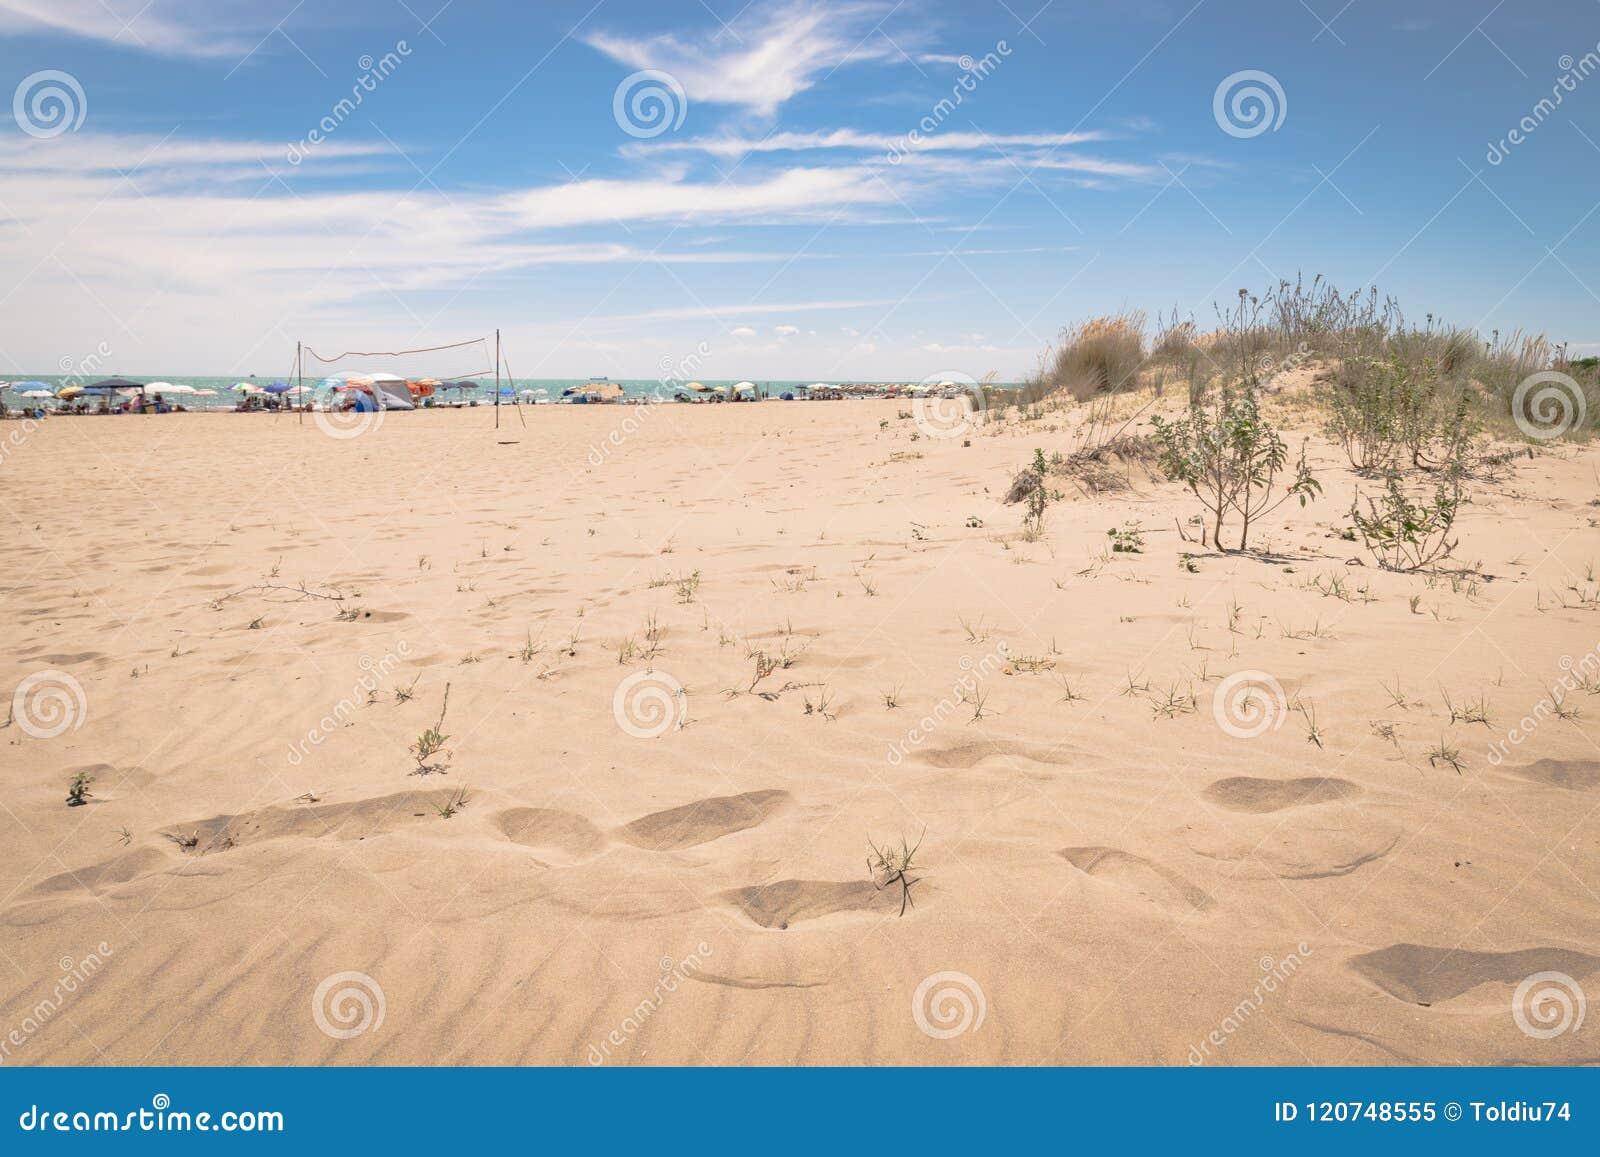 典型的地中海植被组成由灌木和灌木n